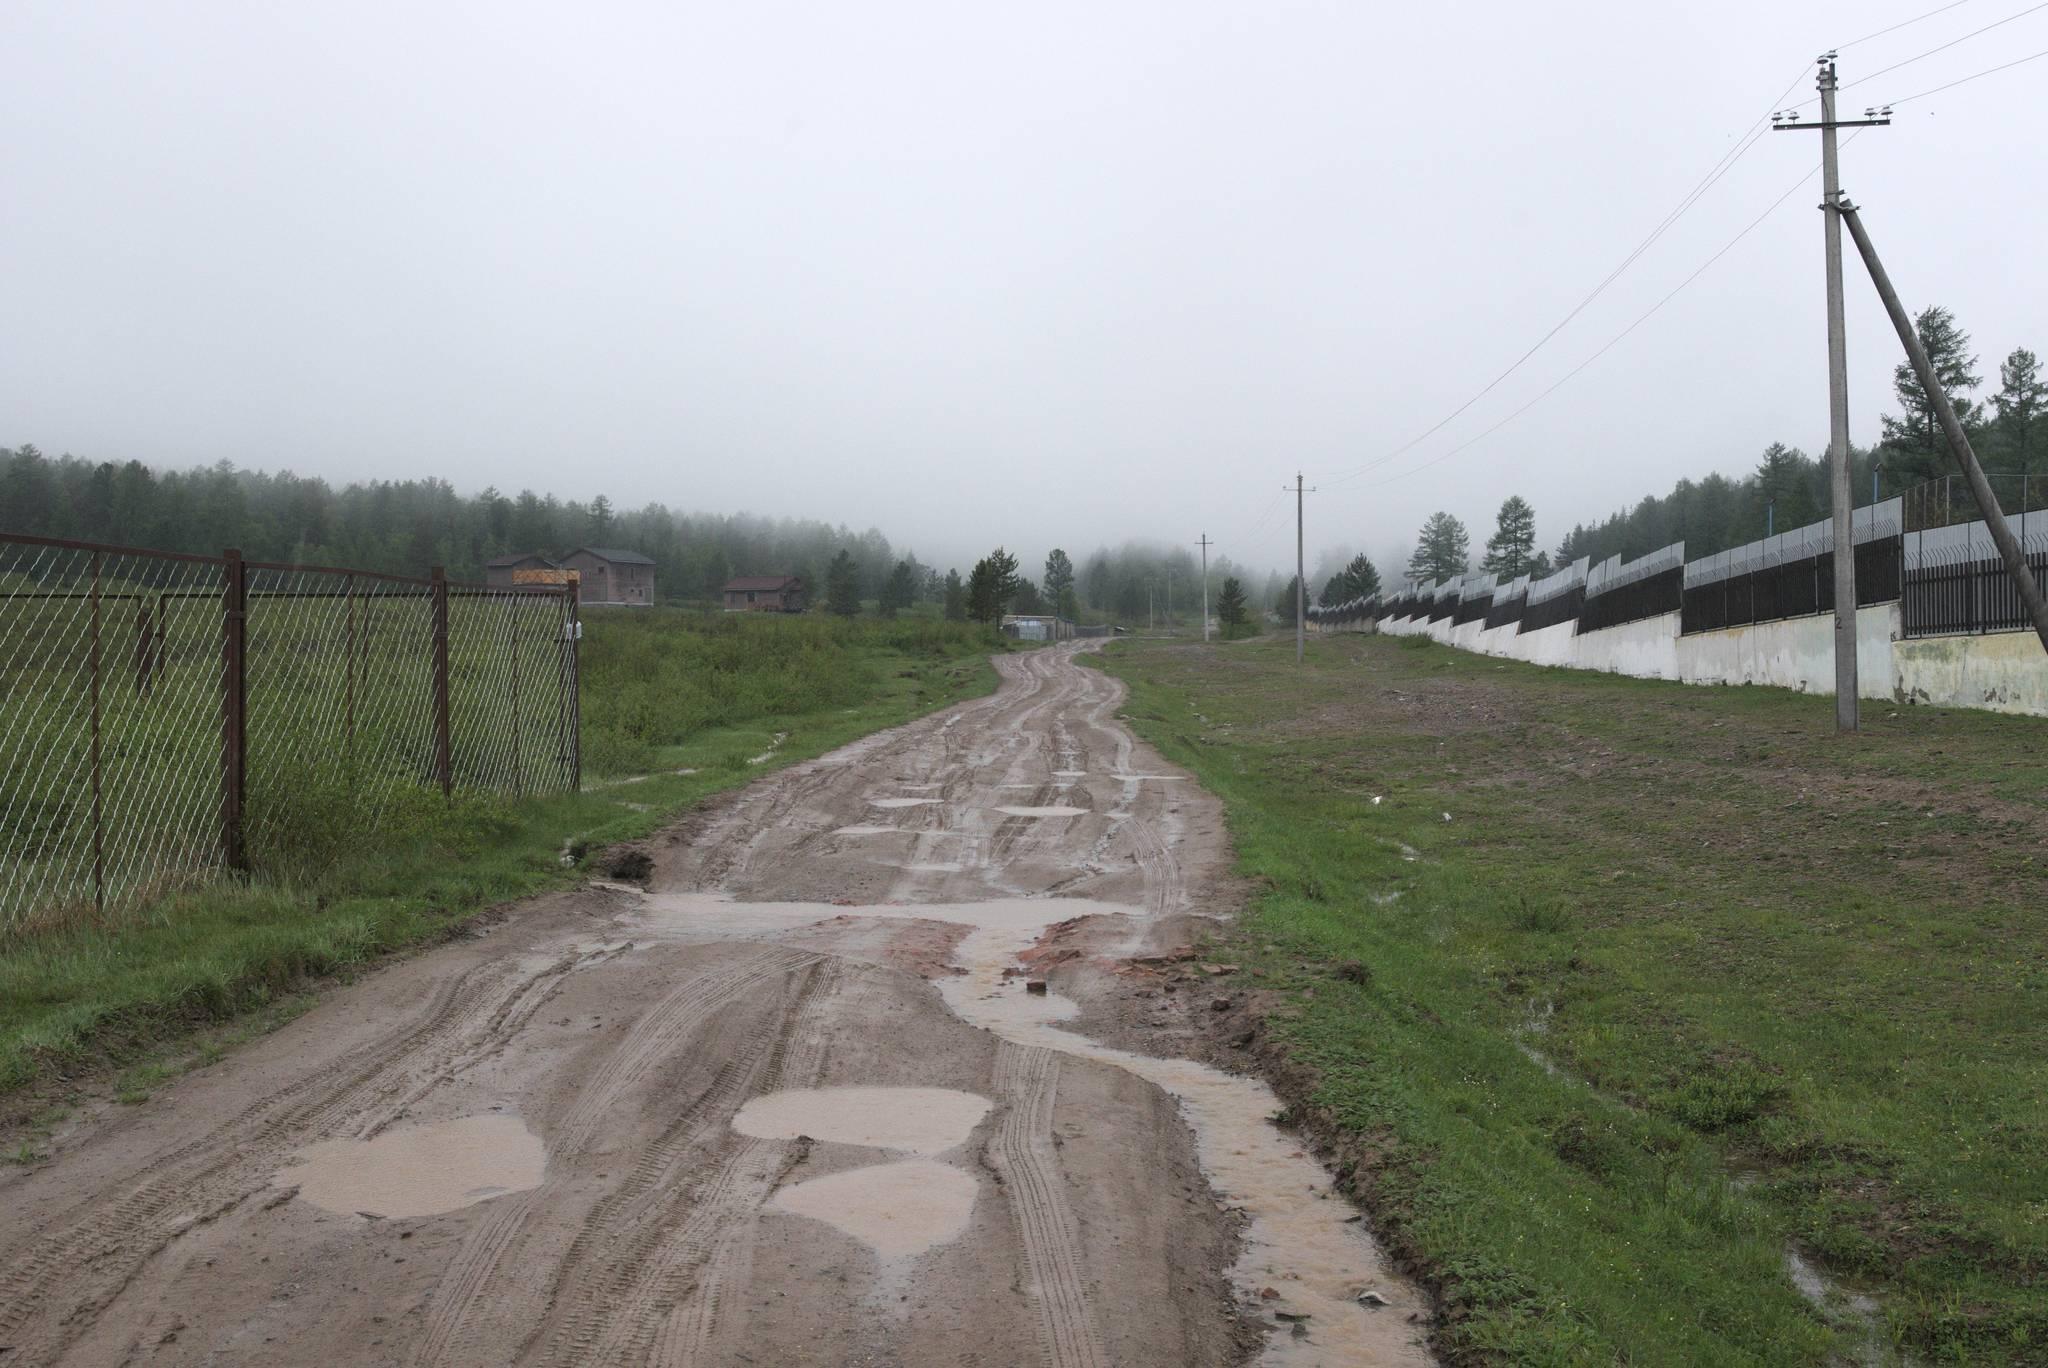 Trochę popadało w ostatnich dniach, a droga zamieniła się w śliskie błoto